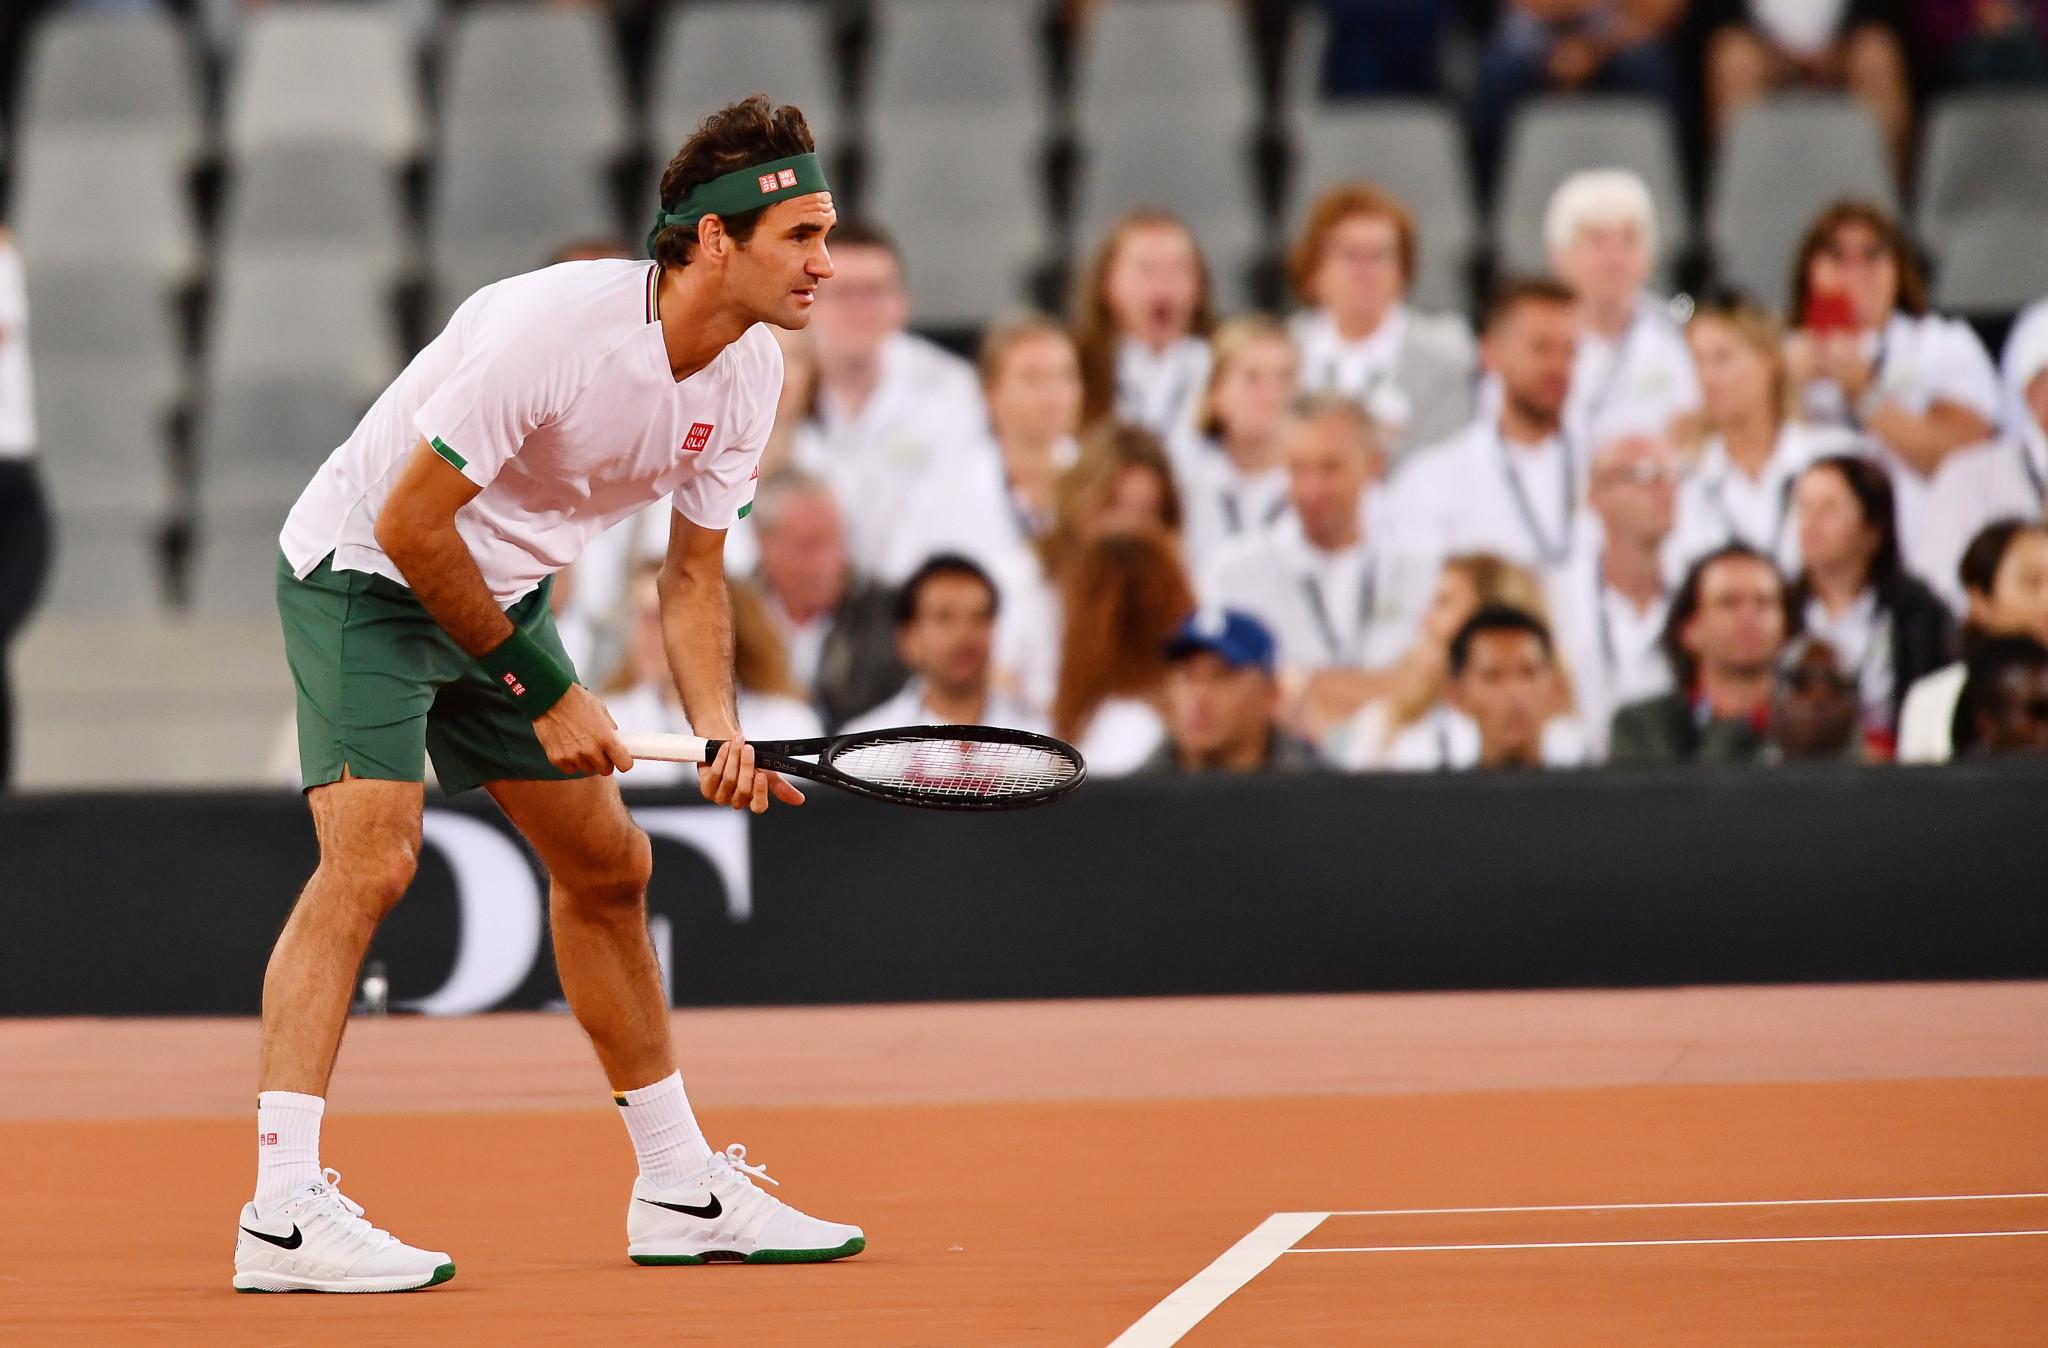 Roger Federer, veinte veces campeón de Grand Slam, ha sido reelegido para el Consejo de Jugadores ATP © Getty Images